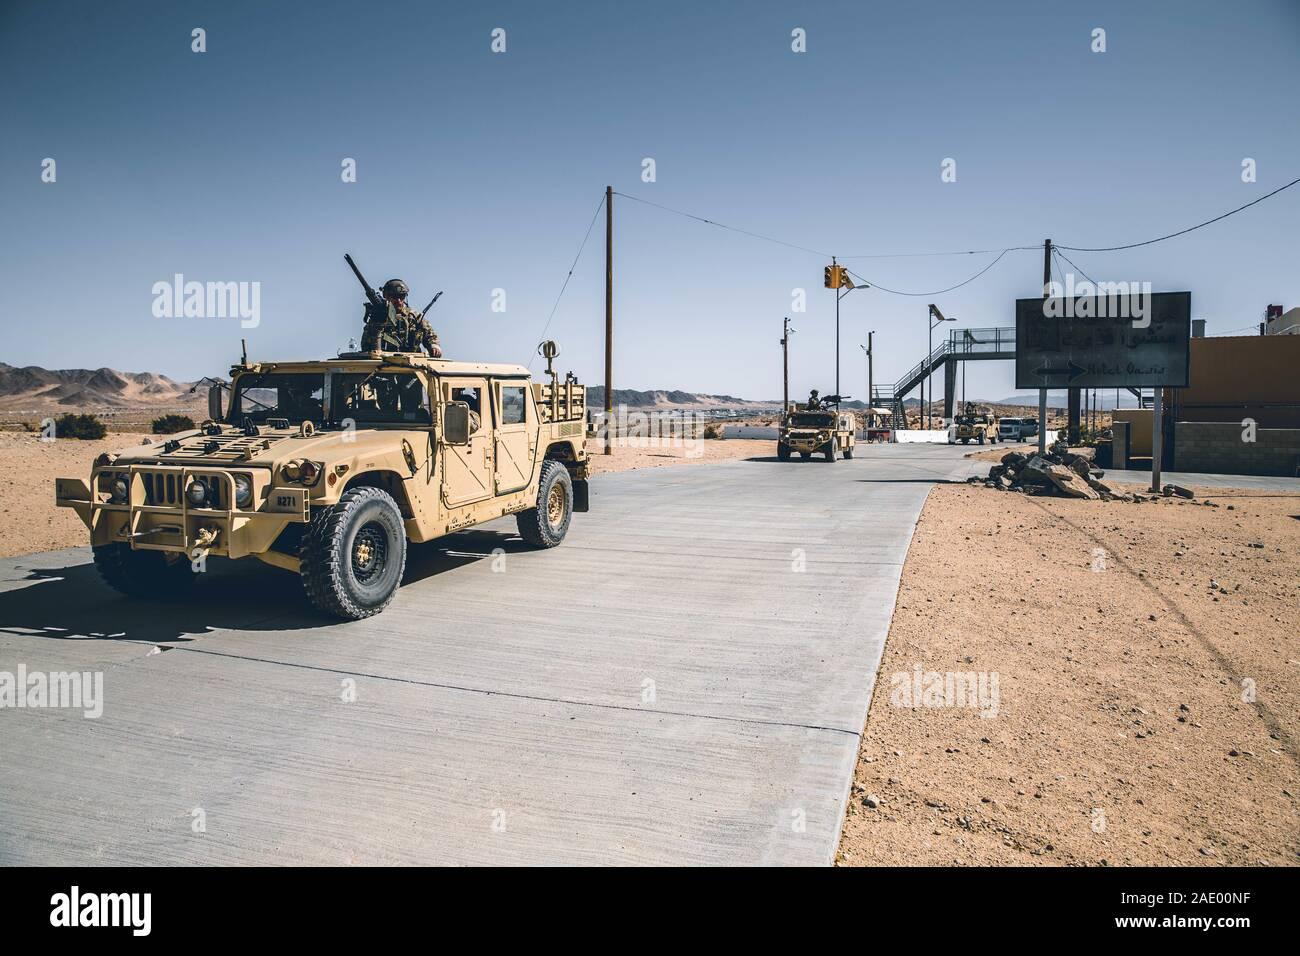 Soldados del ejército de EE.UU. Operación especial con 3º Grupo de Fuerzas Especiales (Airborne) realizar un cese de seguridad con una tierra Movilidad vehículo s y 1.1 en la Infantería de Marina Centro de combate aire-tierra (MCAGCC), Twentynine Palms, California, 17 de octubre de 2019. Los Boinas Verdes utilizan la MCAGCC áreas de capacitación para perfeccionar tácticas del destacamento y prepararse para operaciones de combate. (Ee.Uu. Marine Corps foto por CPL. William Chockey) Foto de stock